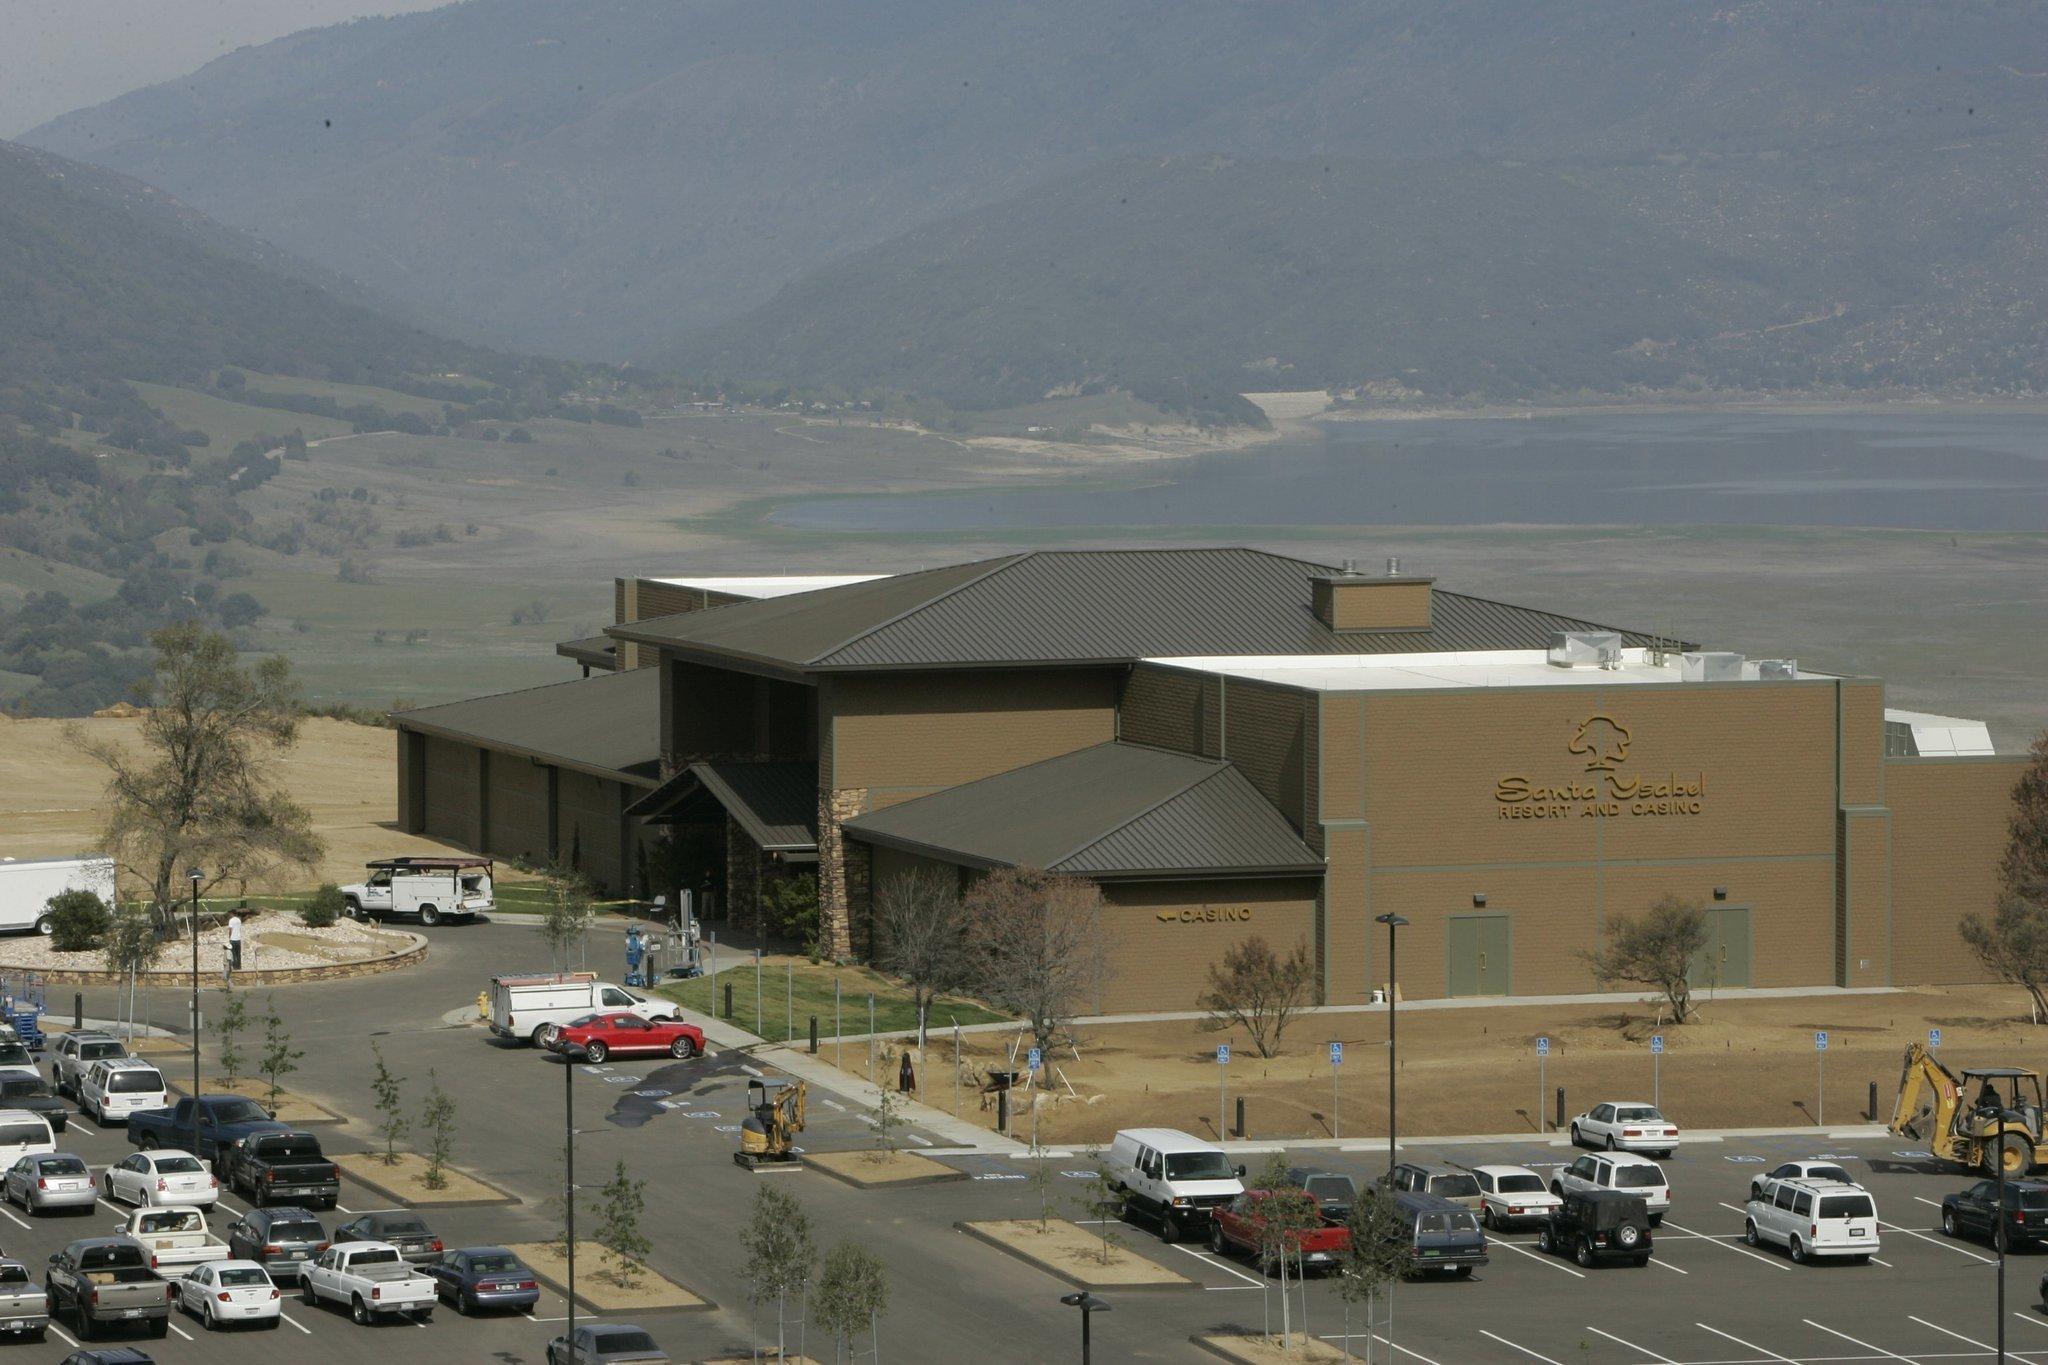 Santa ysabel casino california video gambling 7s